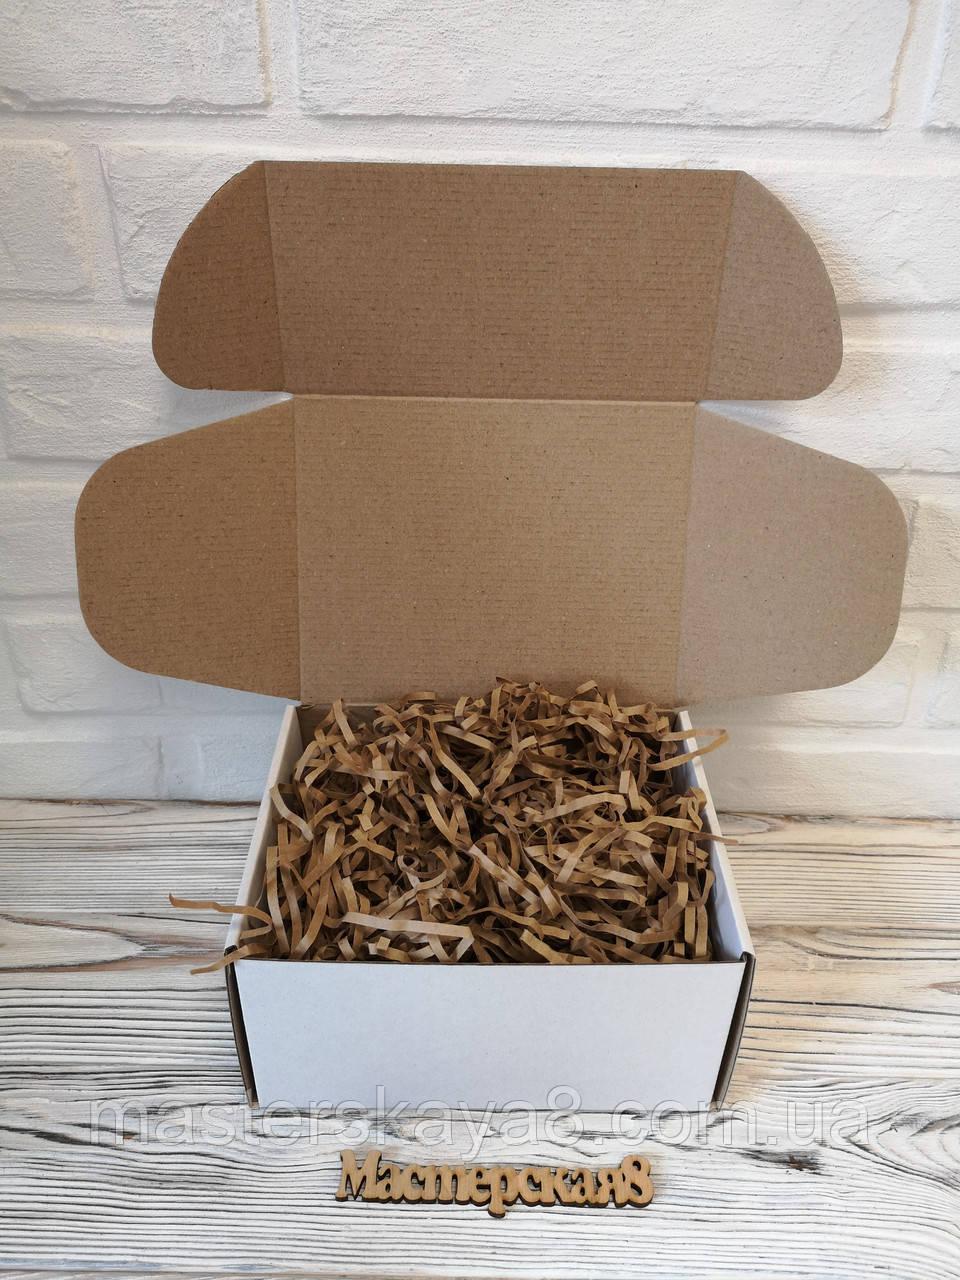 Коробка белая 190*150*100 мм для подарка с крафт/коричневым наполнителем , для сувенира, для мыла